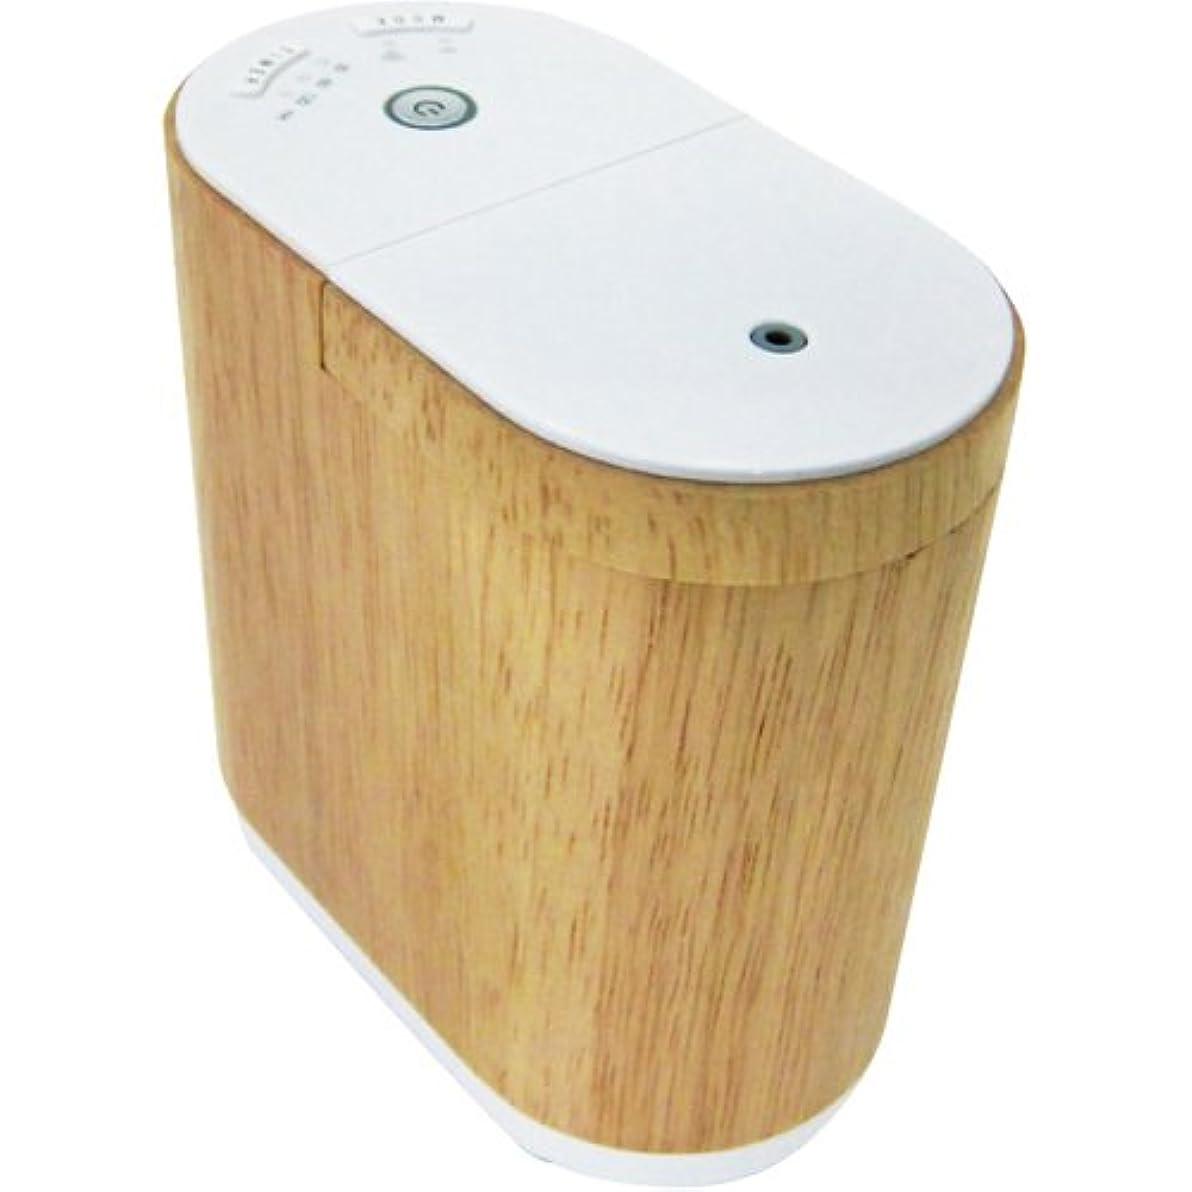 ライセンス暗記する知っているに立ち寄る生活の木 アロマディフューザー(ウッド)エッセンシャルオイルディフューザー aromore(アロモア) 08-801-6010